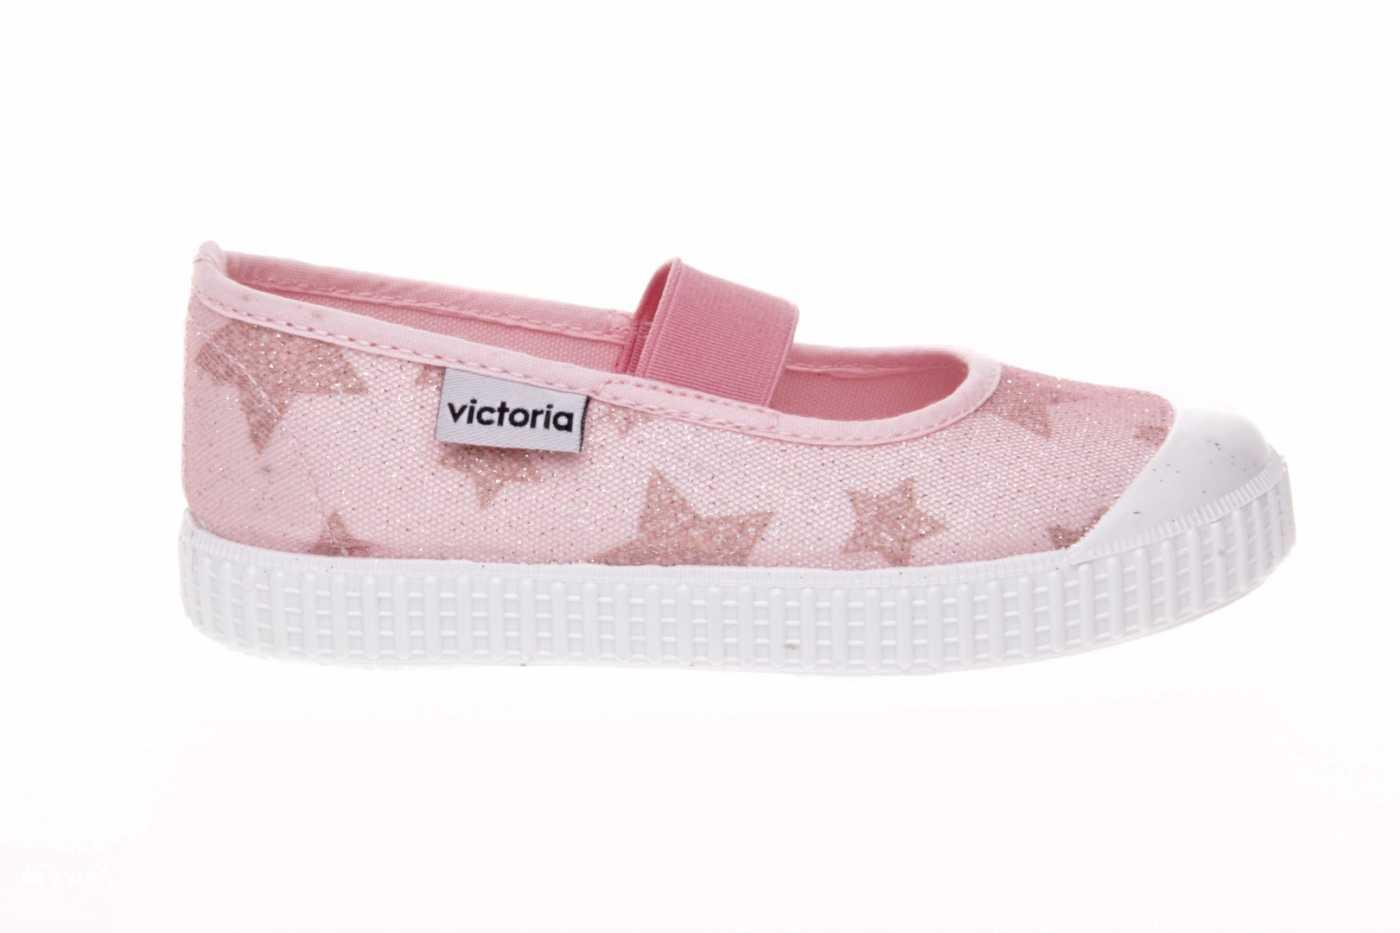 7b48d6876fd Comprar zapato tipo JOVEN NIÑA estilo LONA COLOR ROSA LONA ...